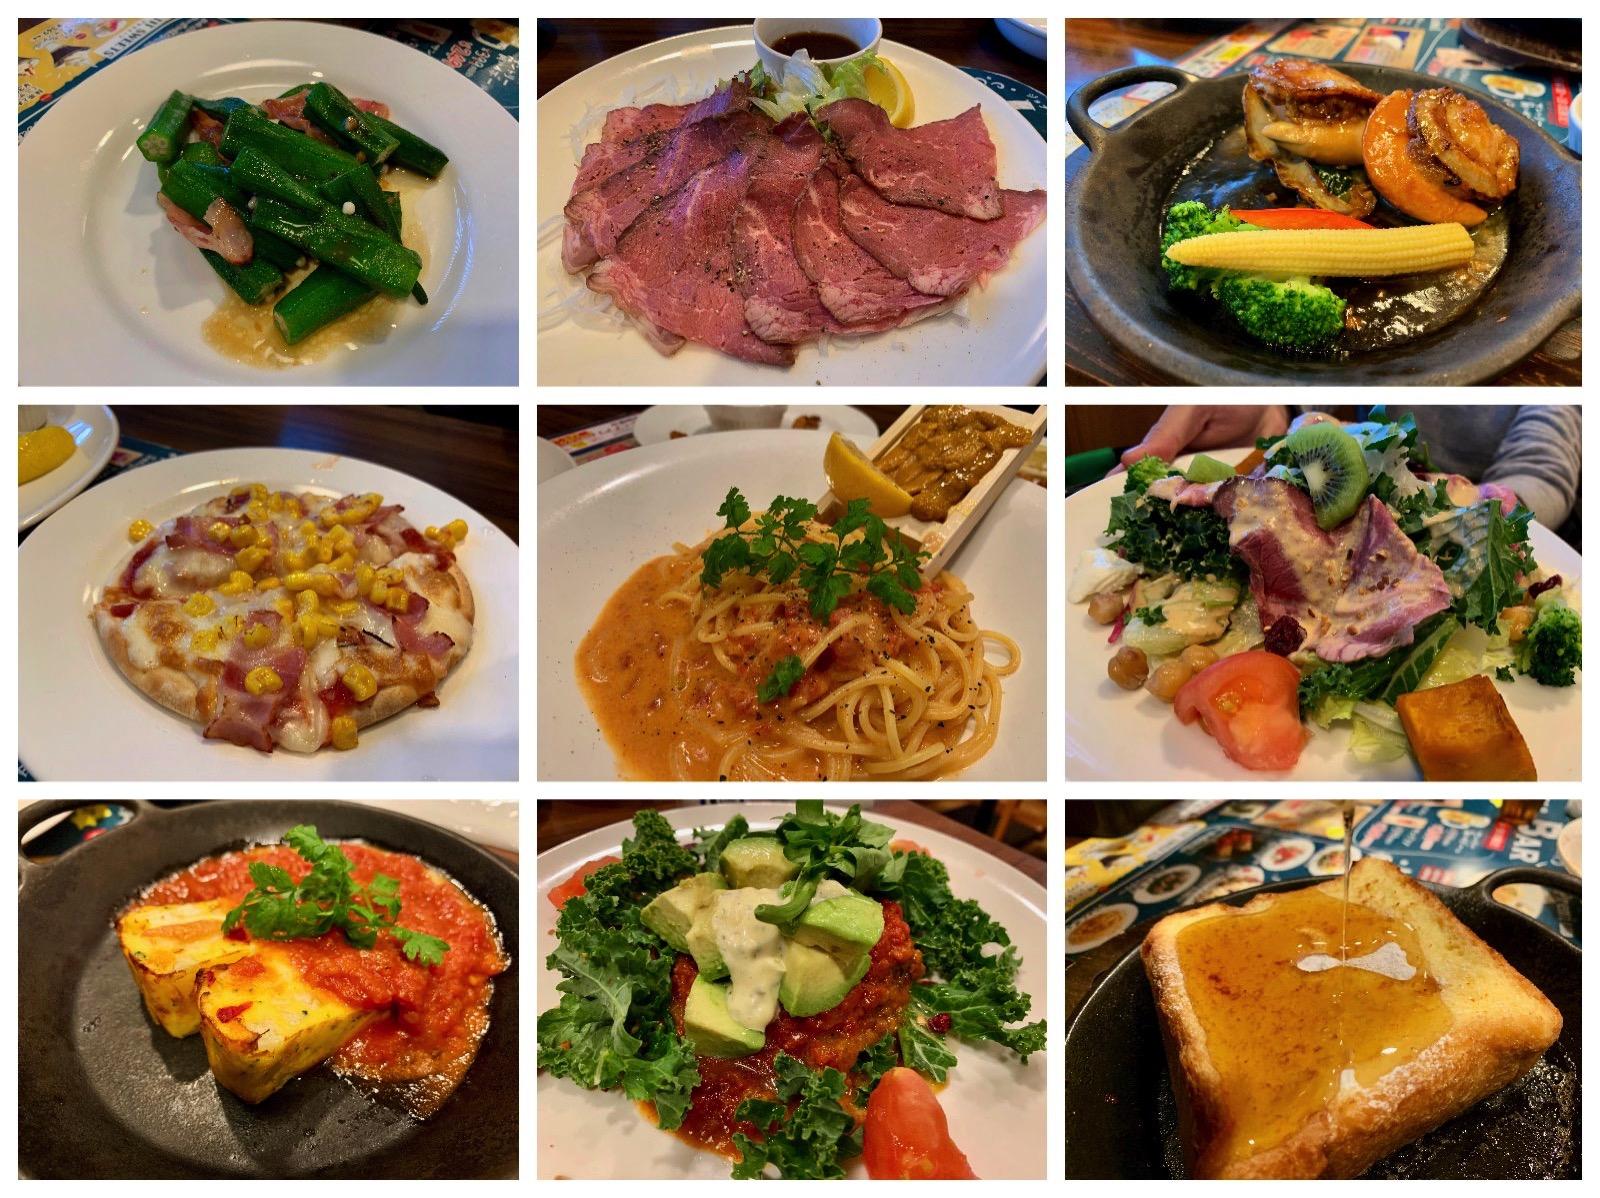 4-men-eat-dinner-at-Jonathans.jpg